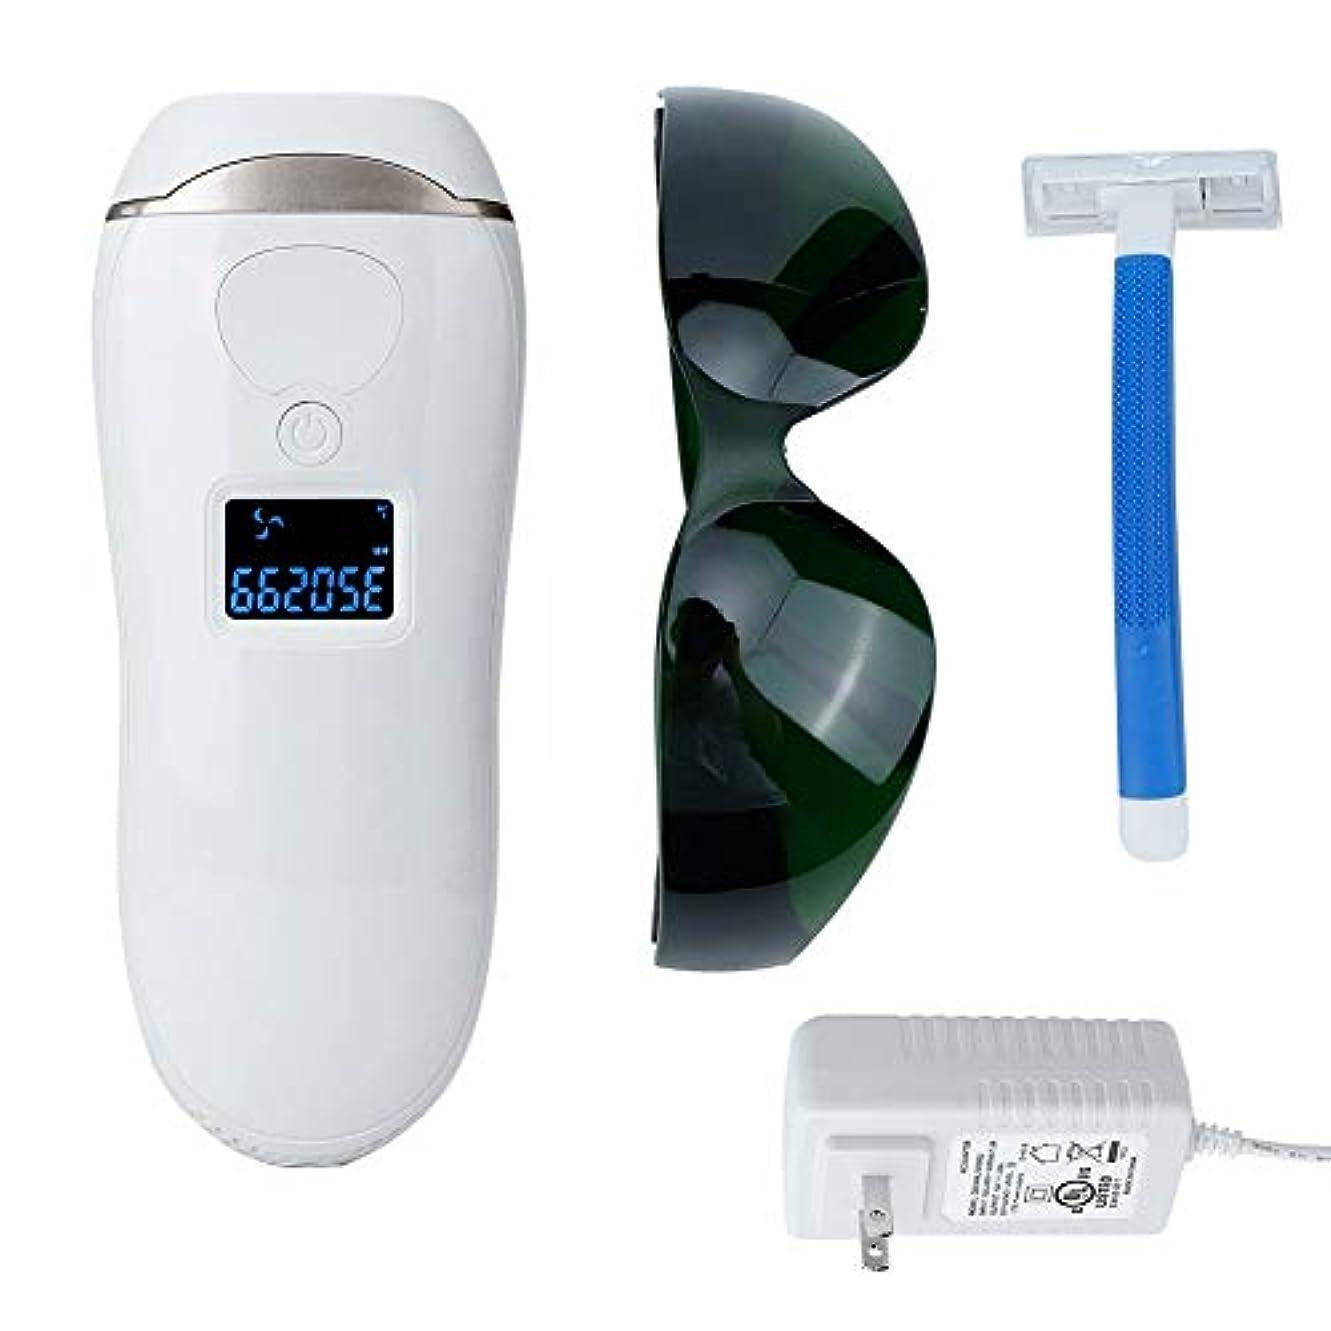 アクセサリーステップトランク永久的な毛は表面体のための機械男女兼用の痛みのない脱毛器装置を取除きます(100?240V)